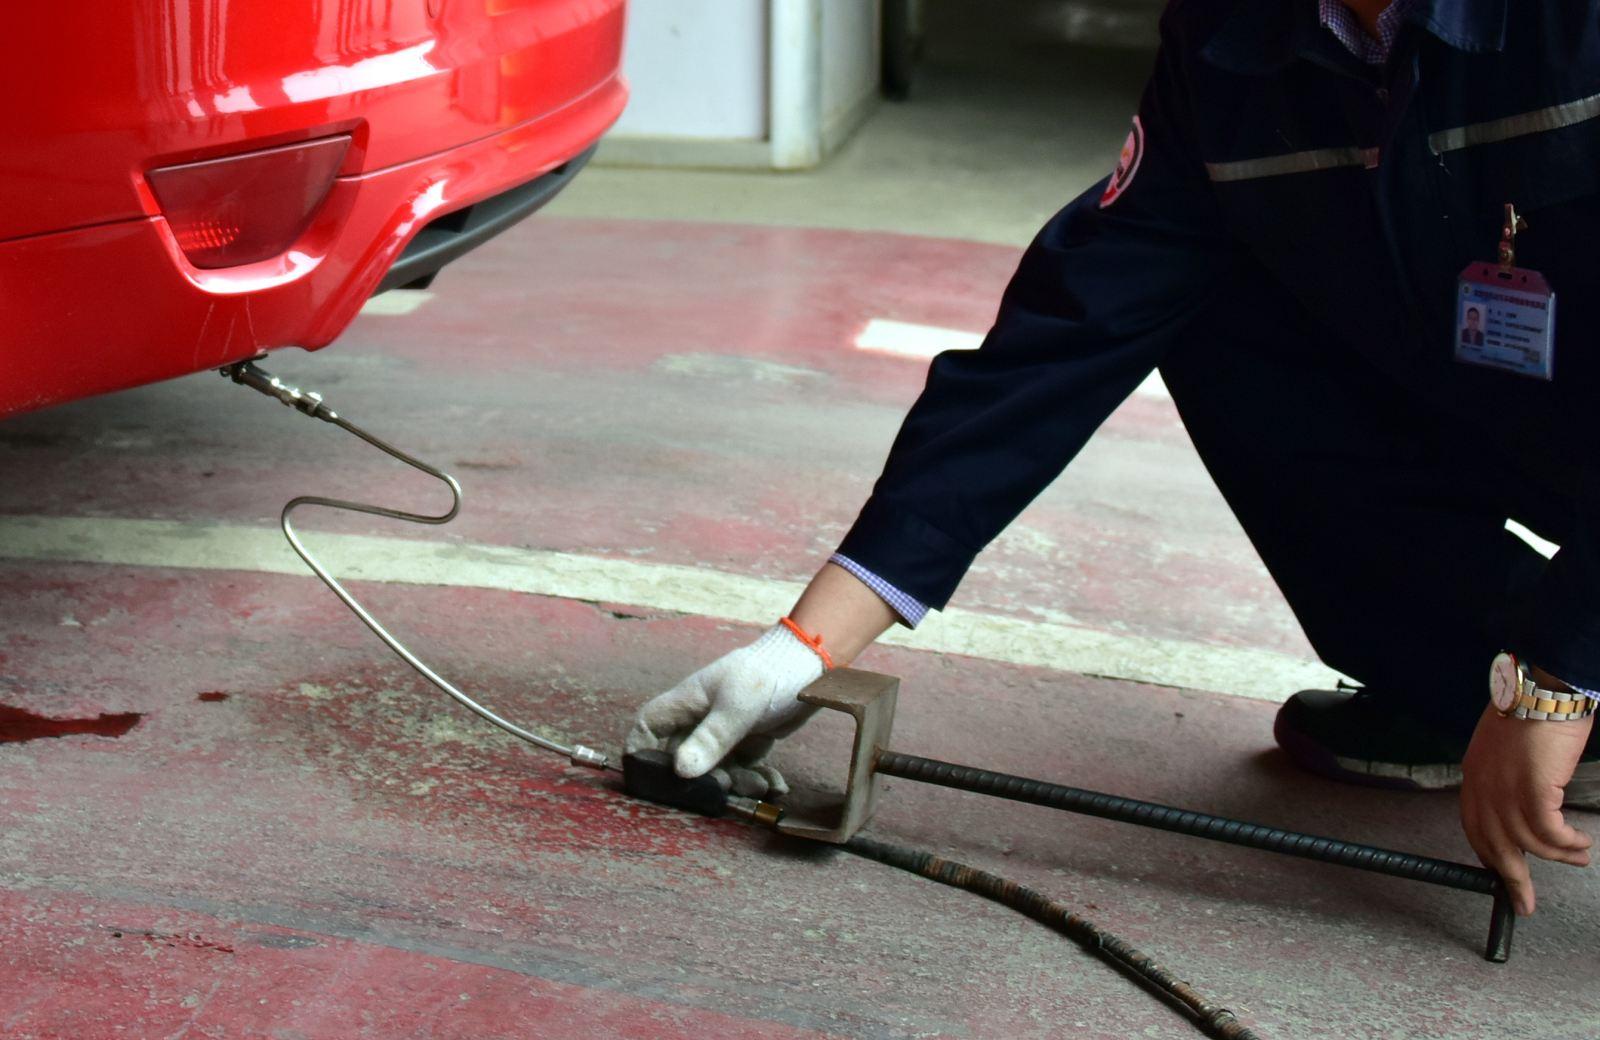 长期以来汽车排放检测市场十分混乱,检测数据造假严重.摄影/章轲